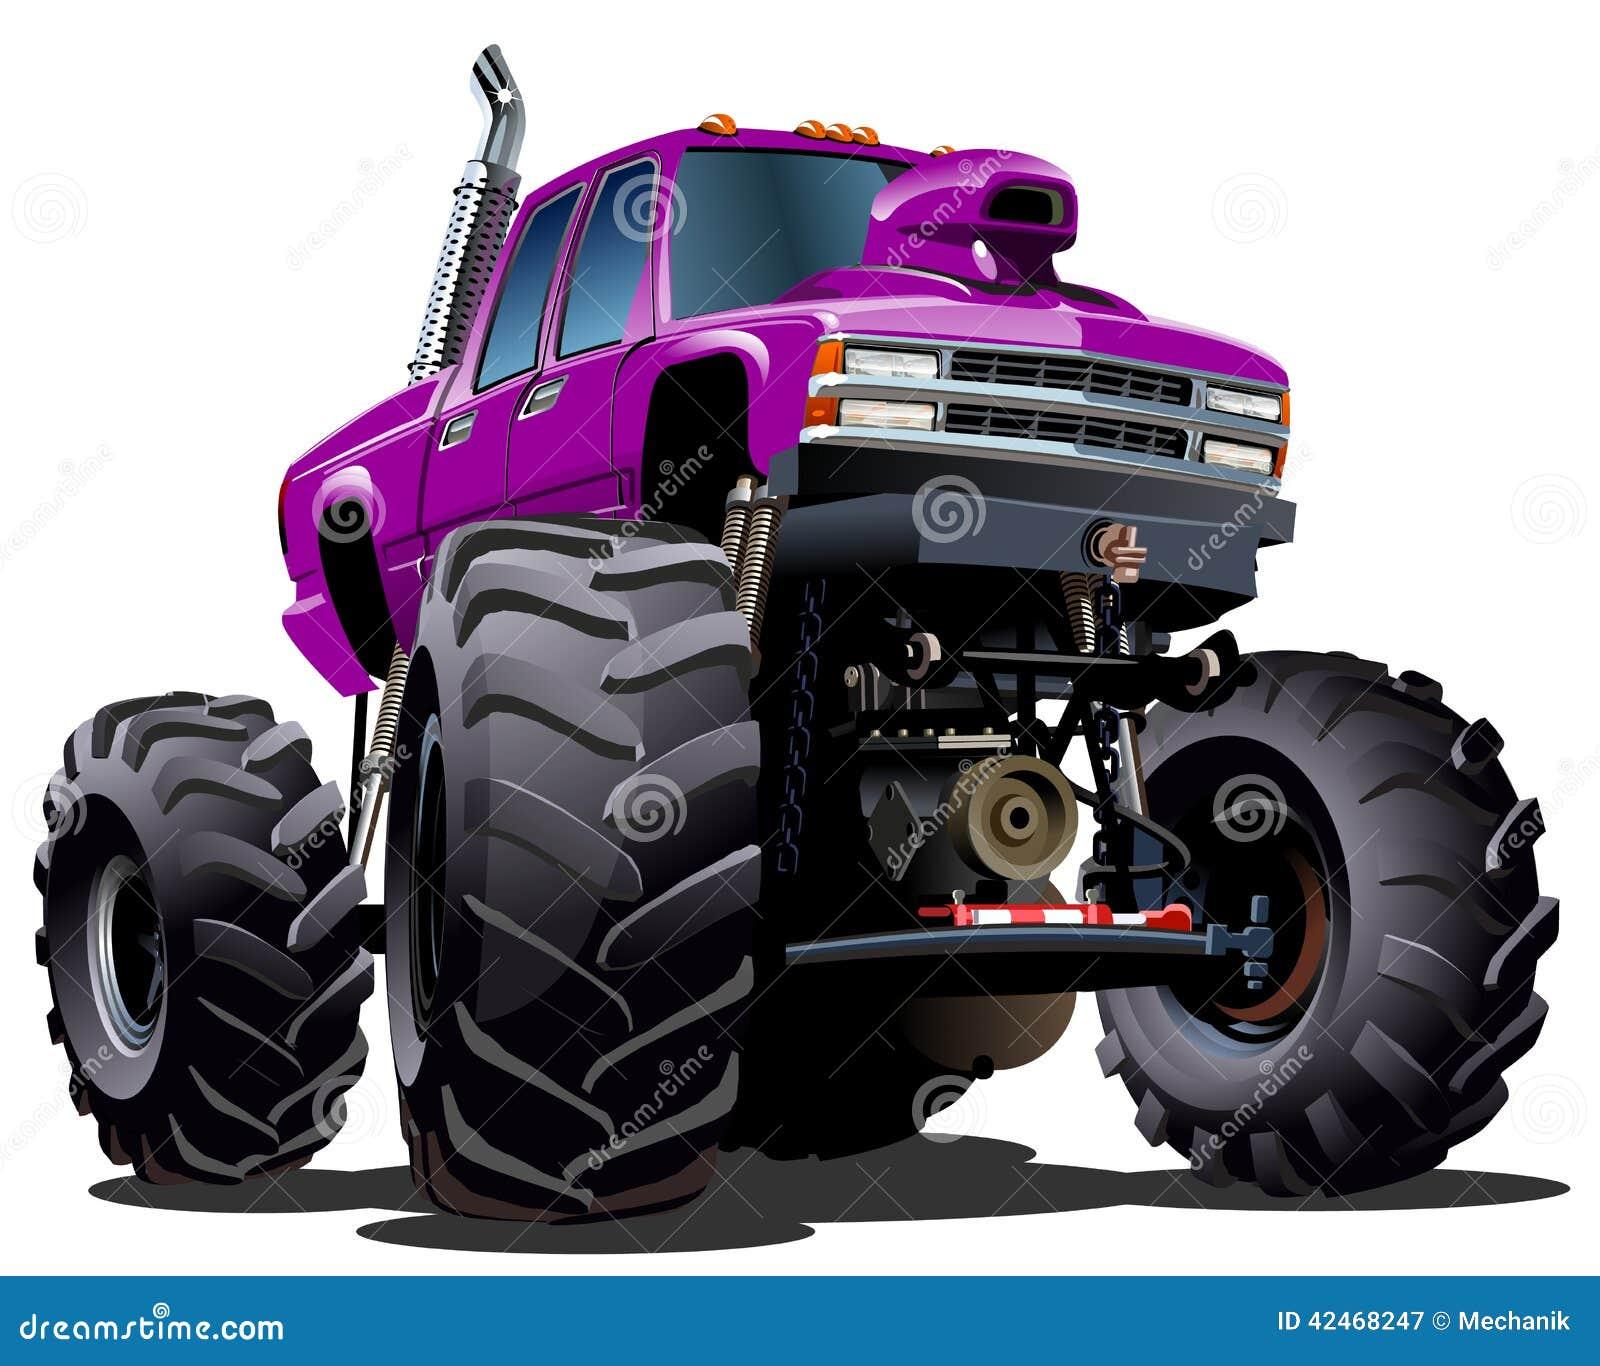 Cartoon monster truck vector illustration cartoondealer